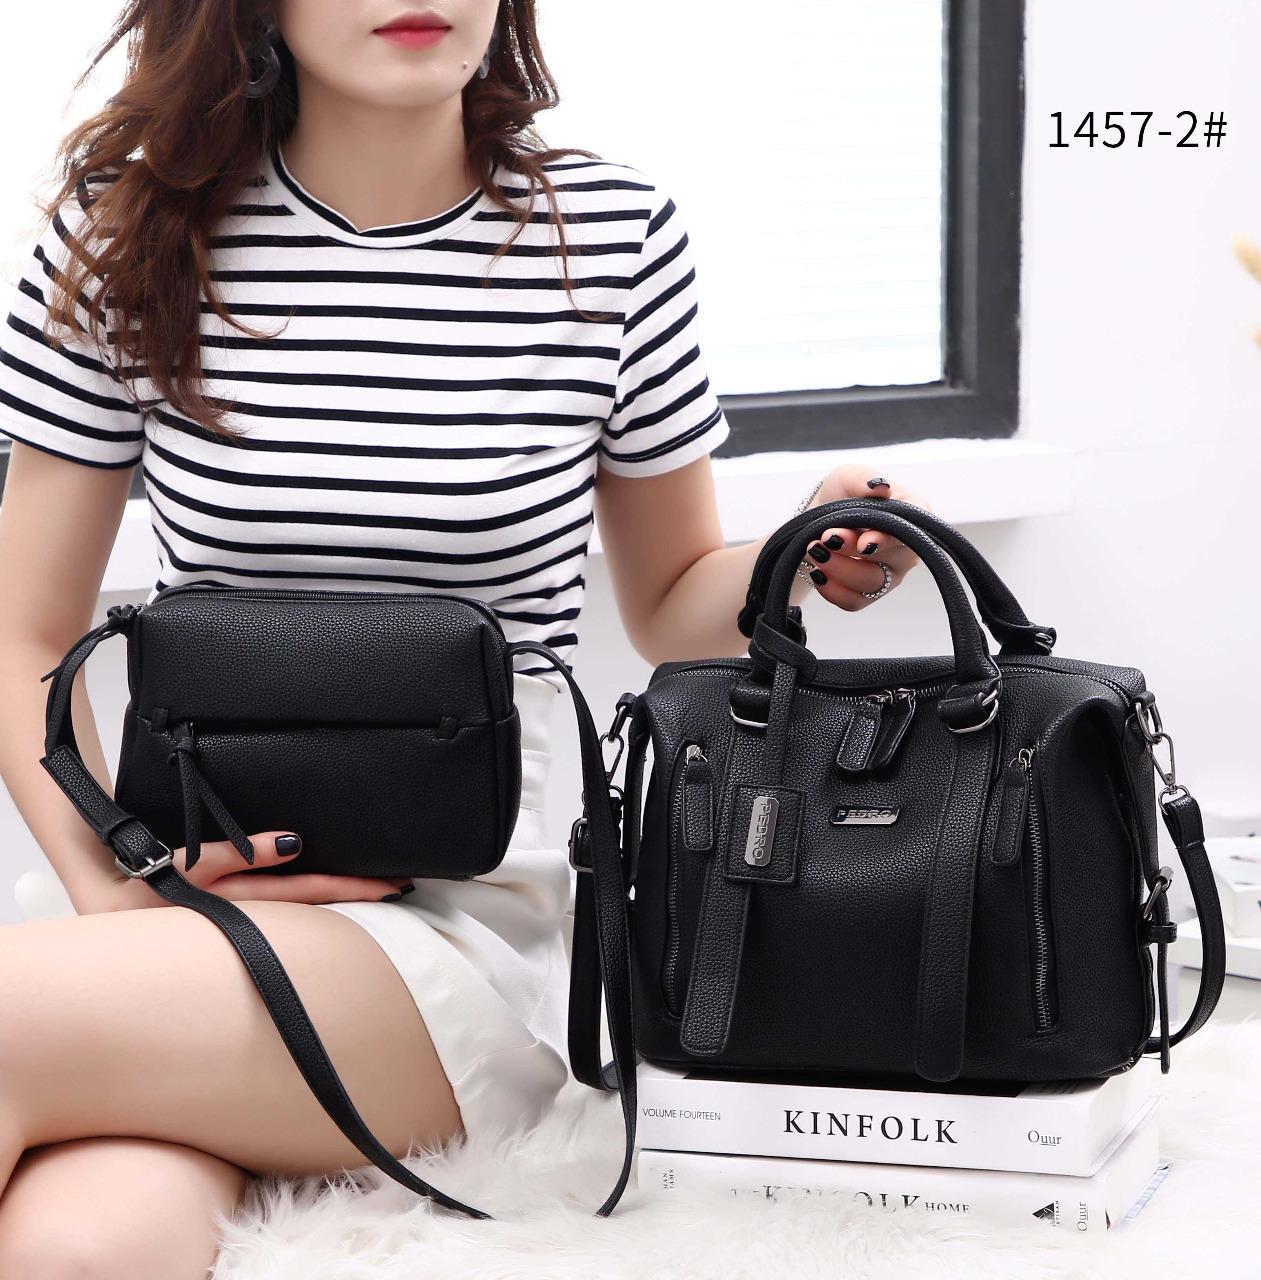 tas wanita 2022 branded shopee murah